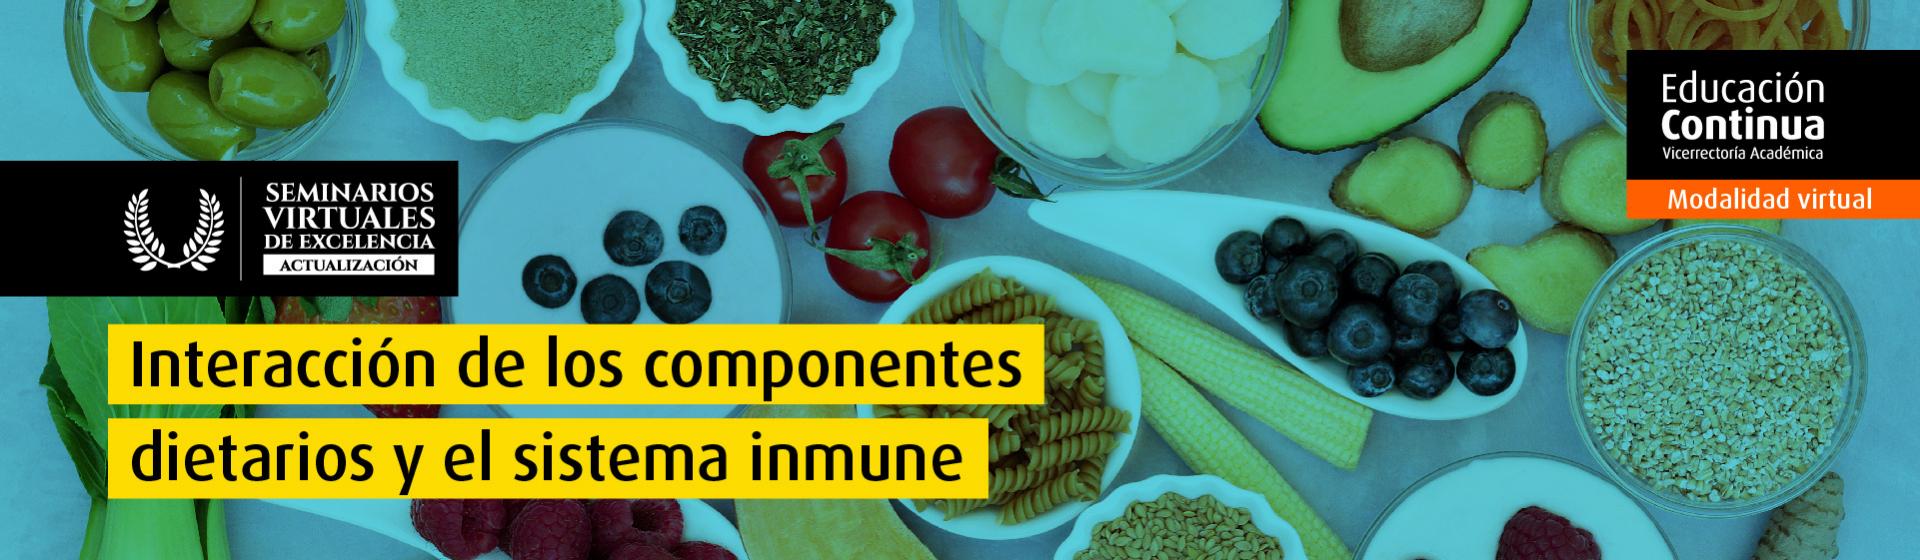 Curso virtual - Interacción de los componentes dietarios y el sistema inmune